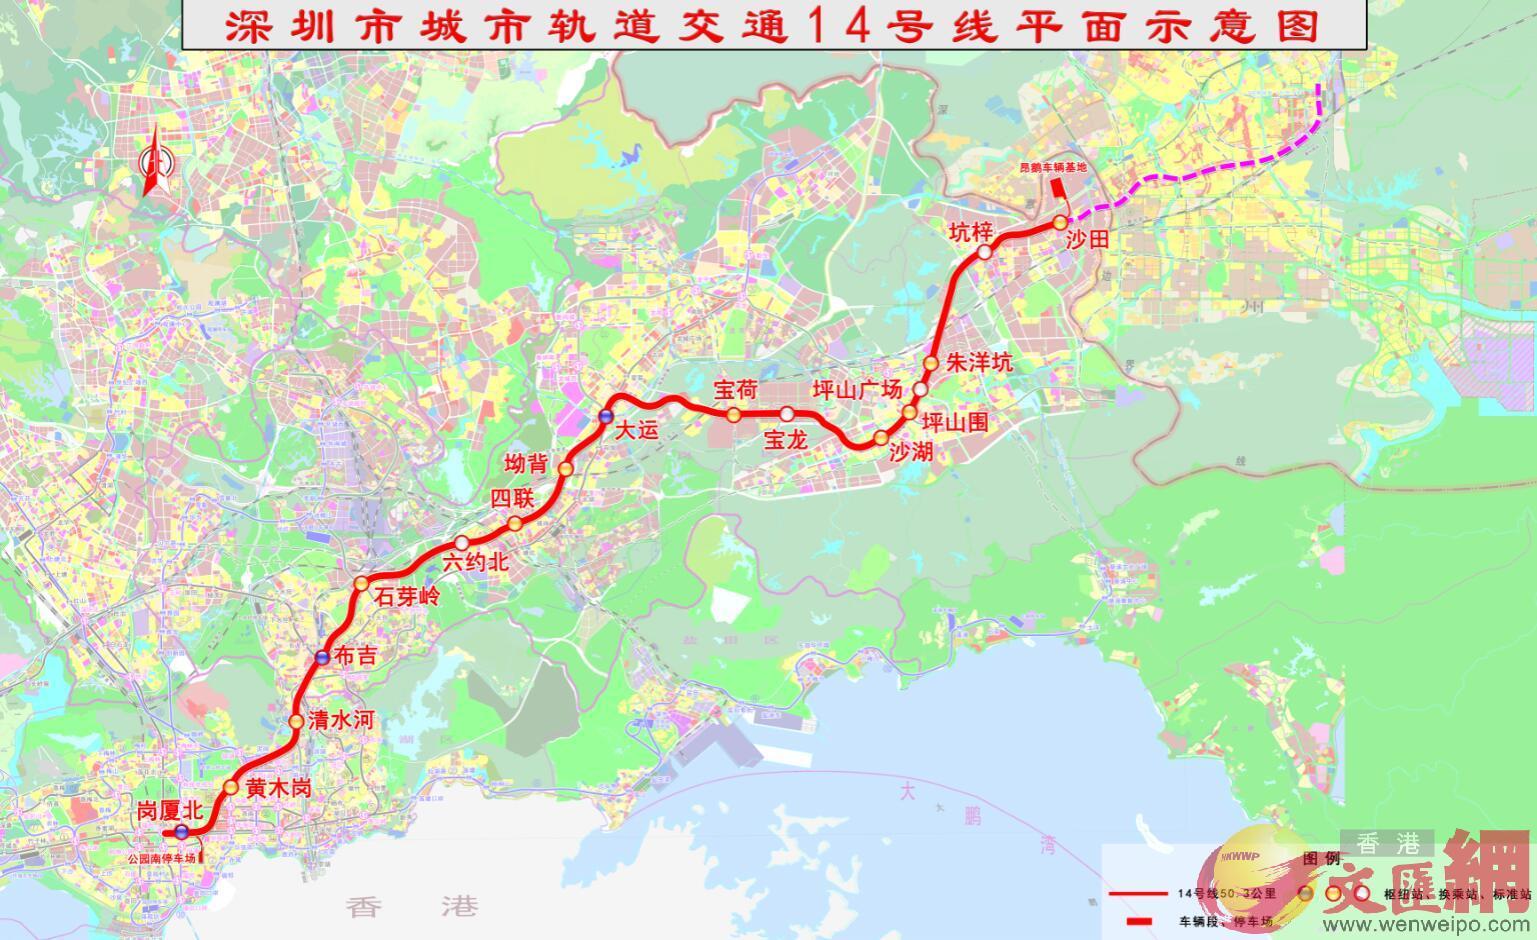 深圳新开建的地铁14号线的线路图.